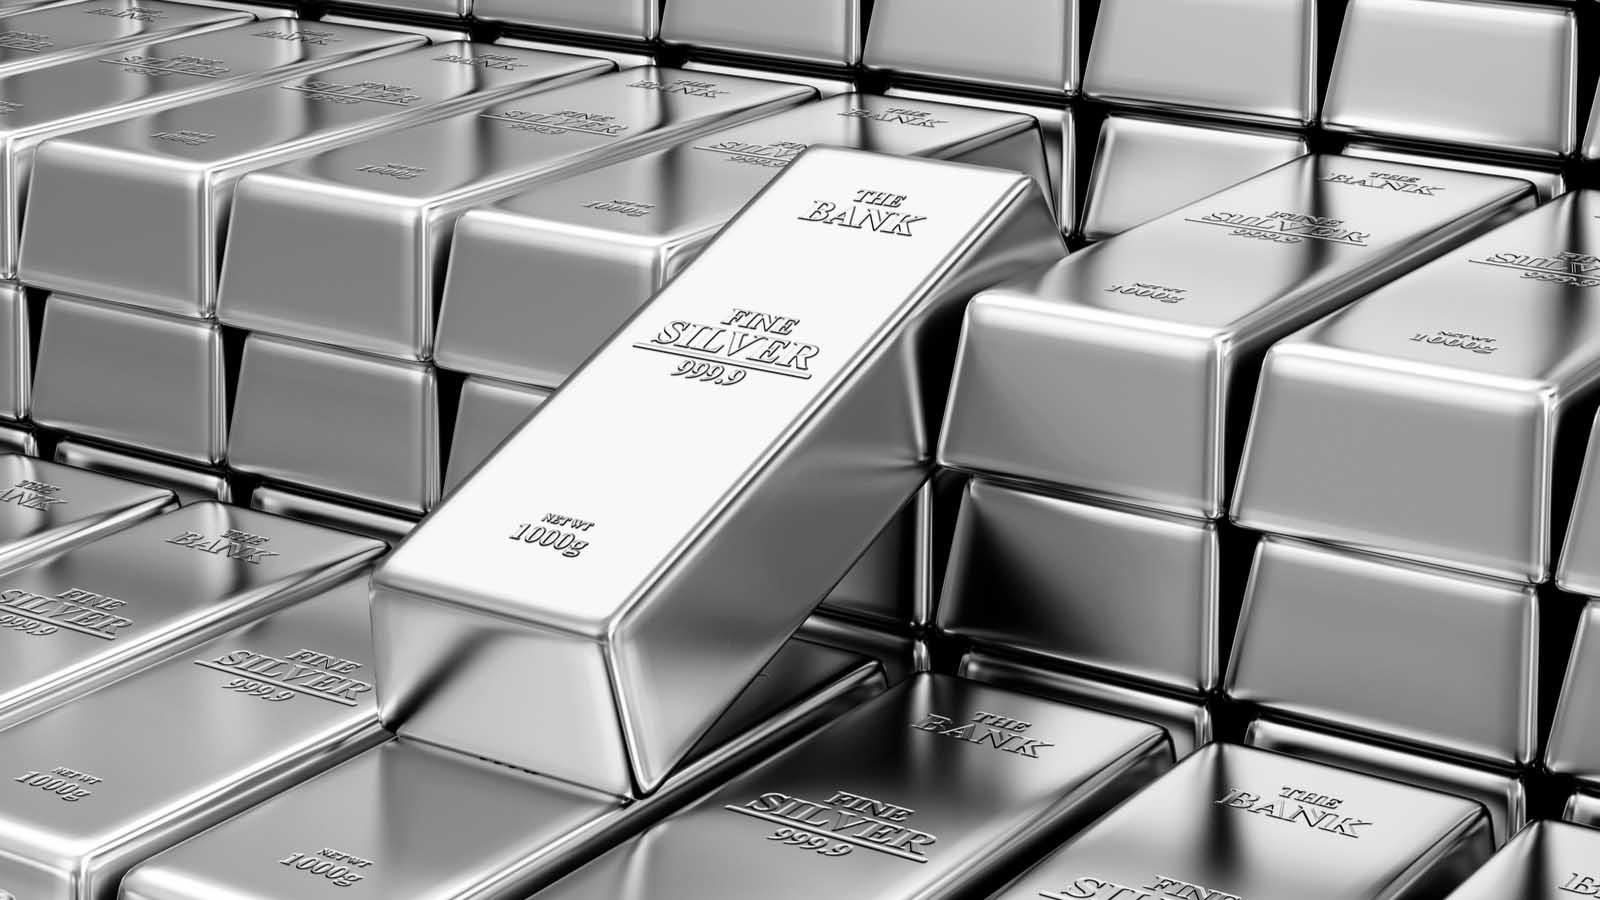 """ارتفاع أسعار الفضة إلى أعلى مستوى لها خلال ست سنوات بسبب رهان """"الانتعاش الأخضر"""""""